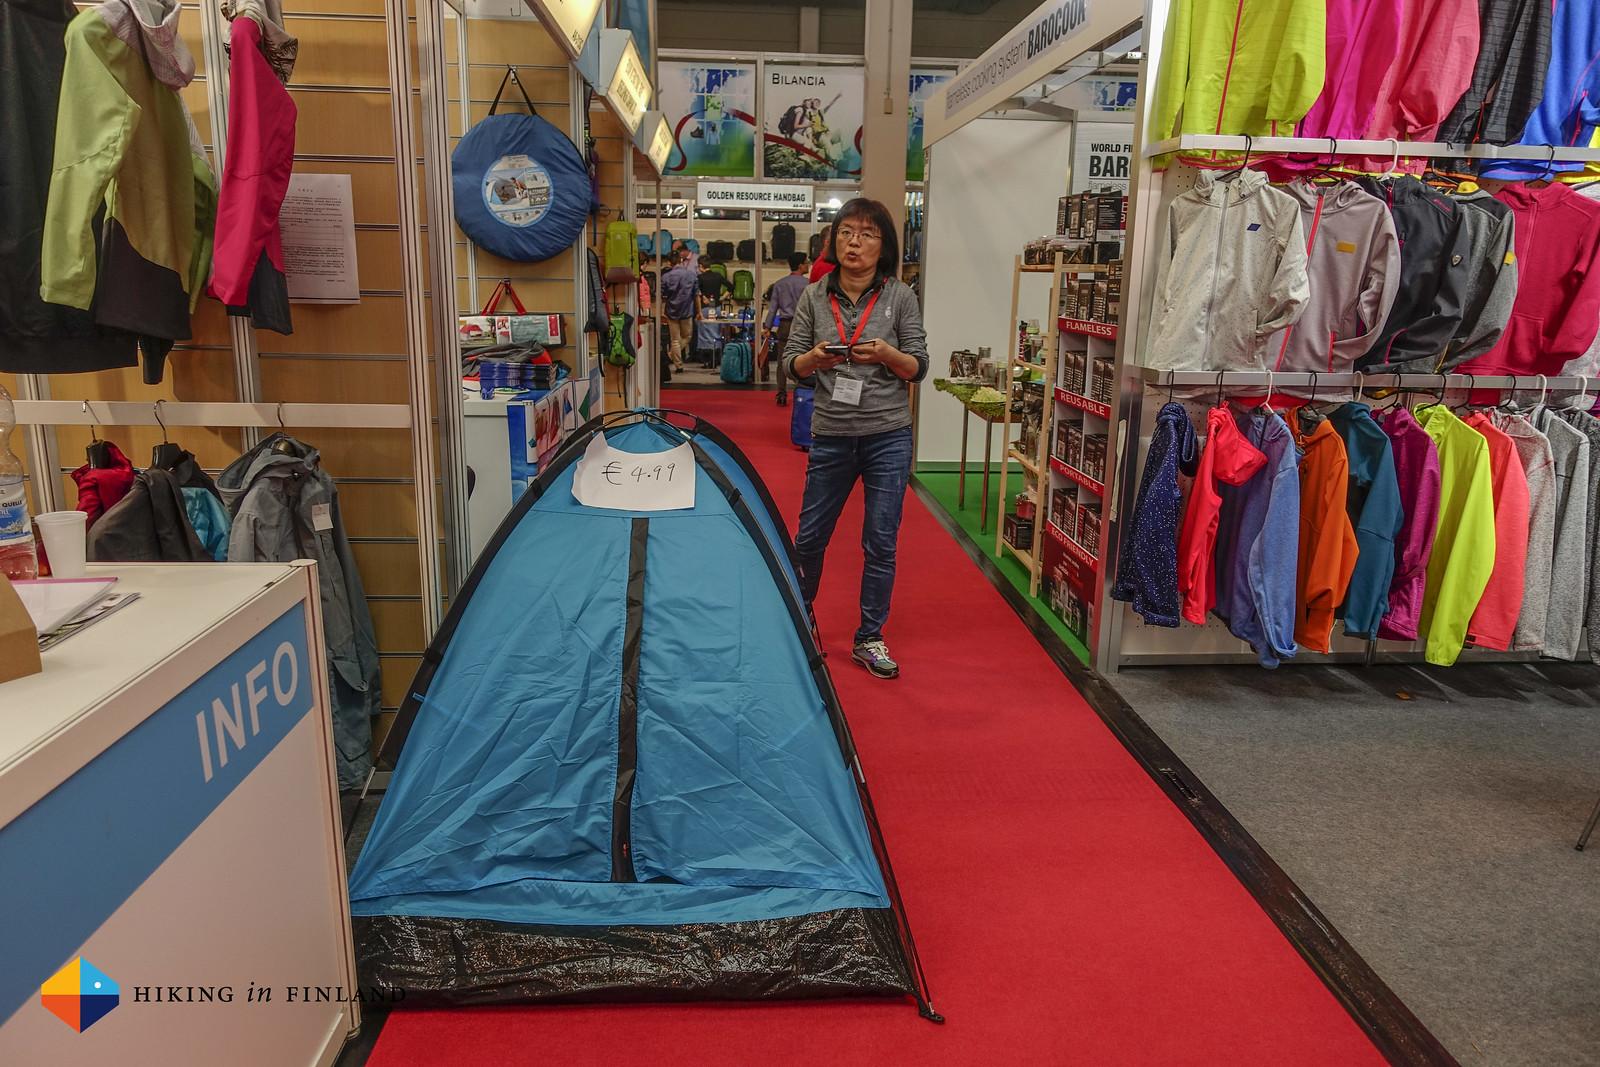 4,99 € Tent